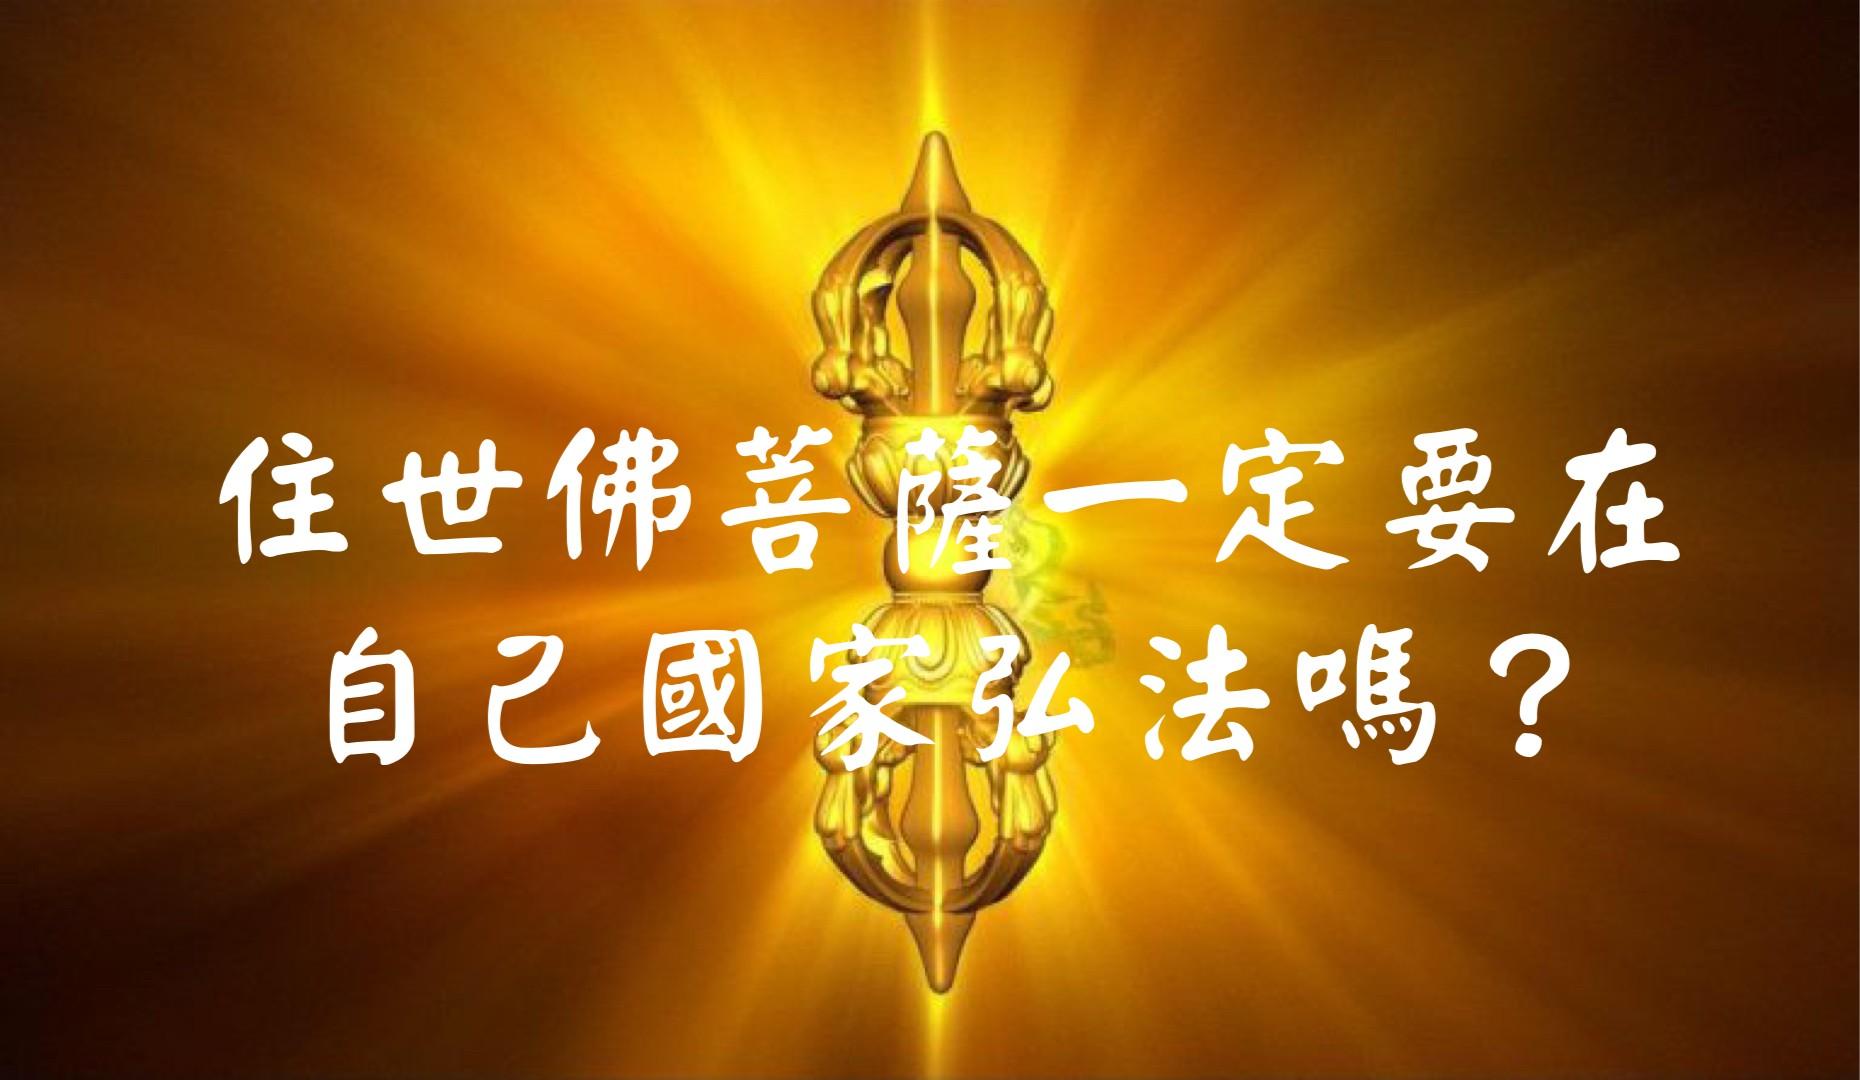 住世佛菩薩一定要在自己國家弘法嗎?